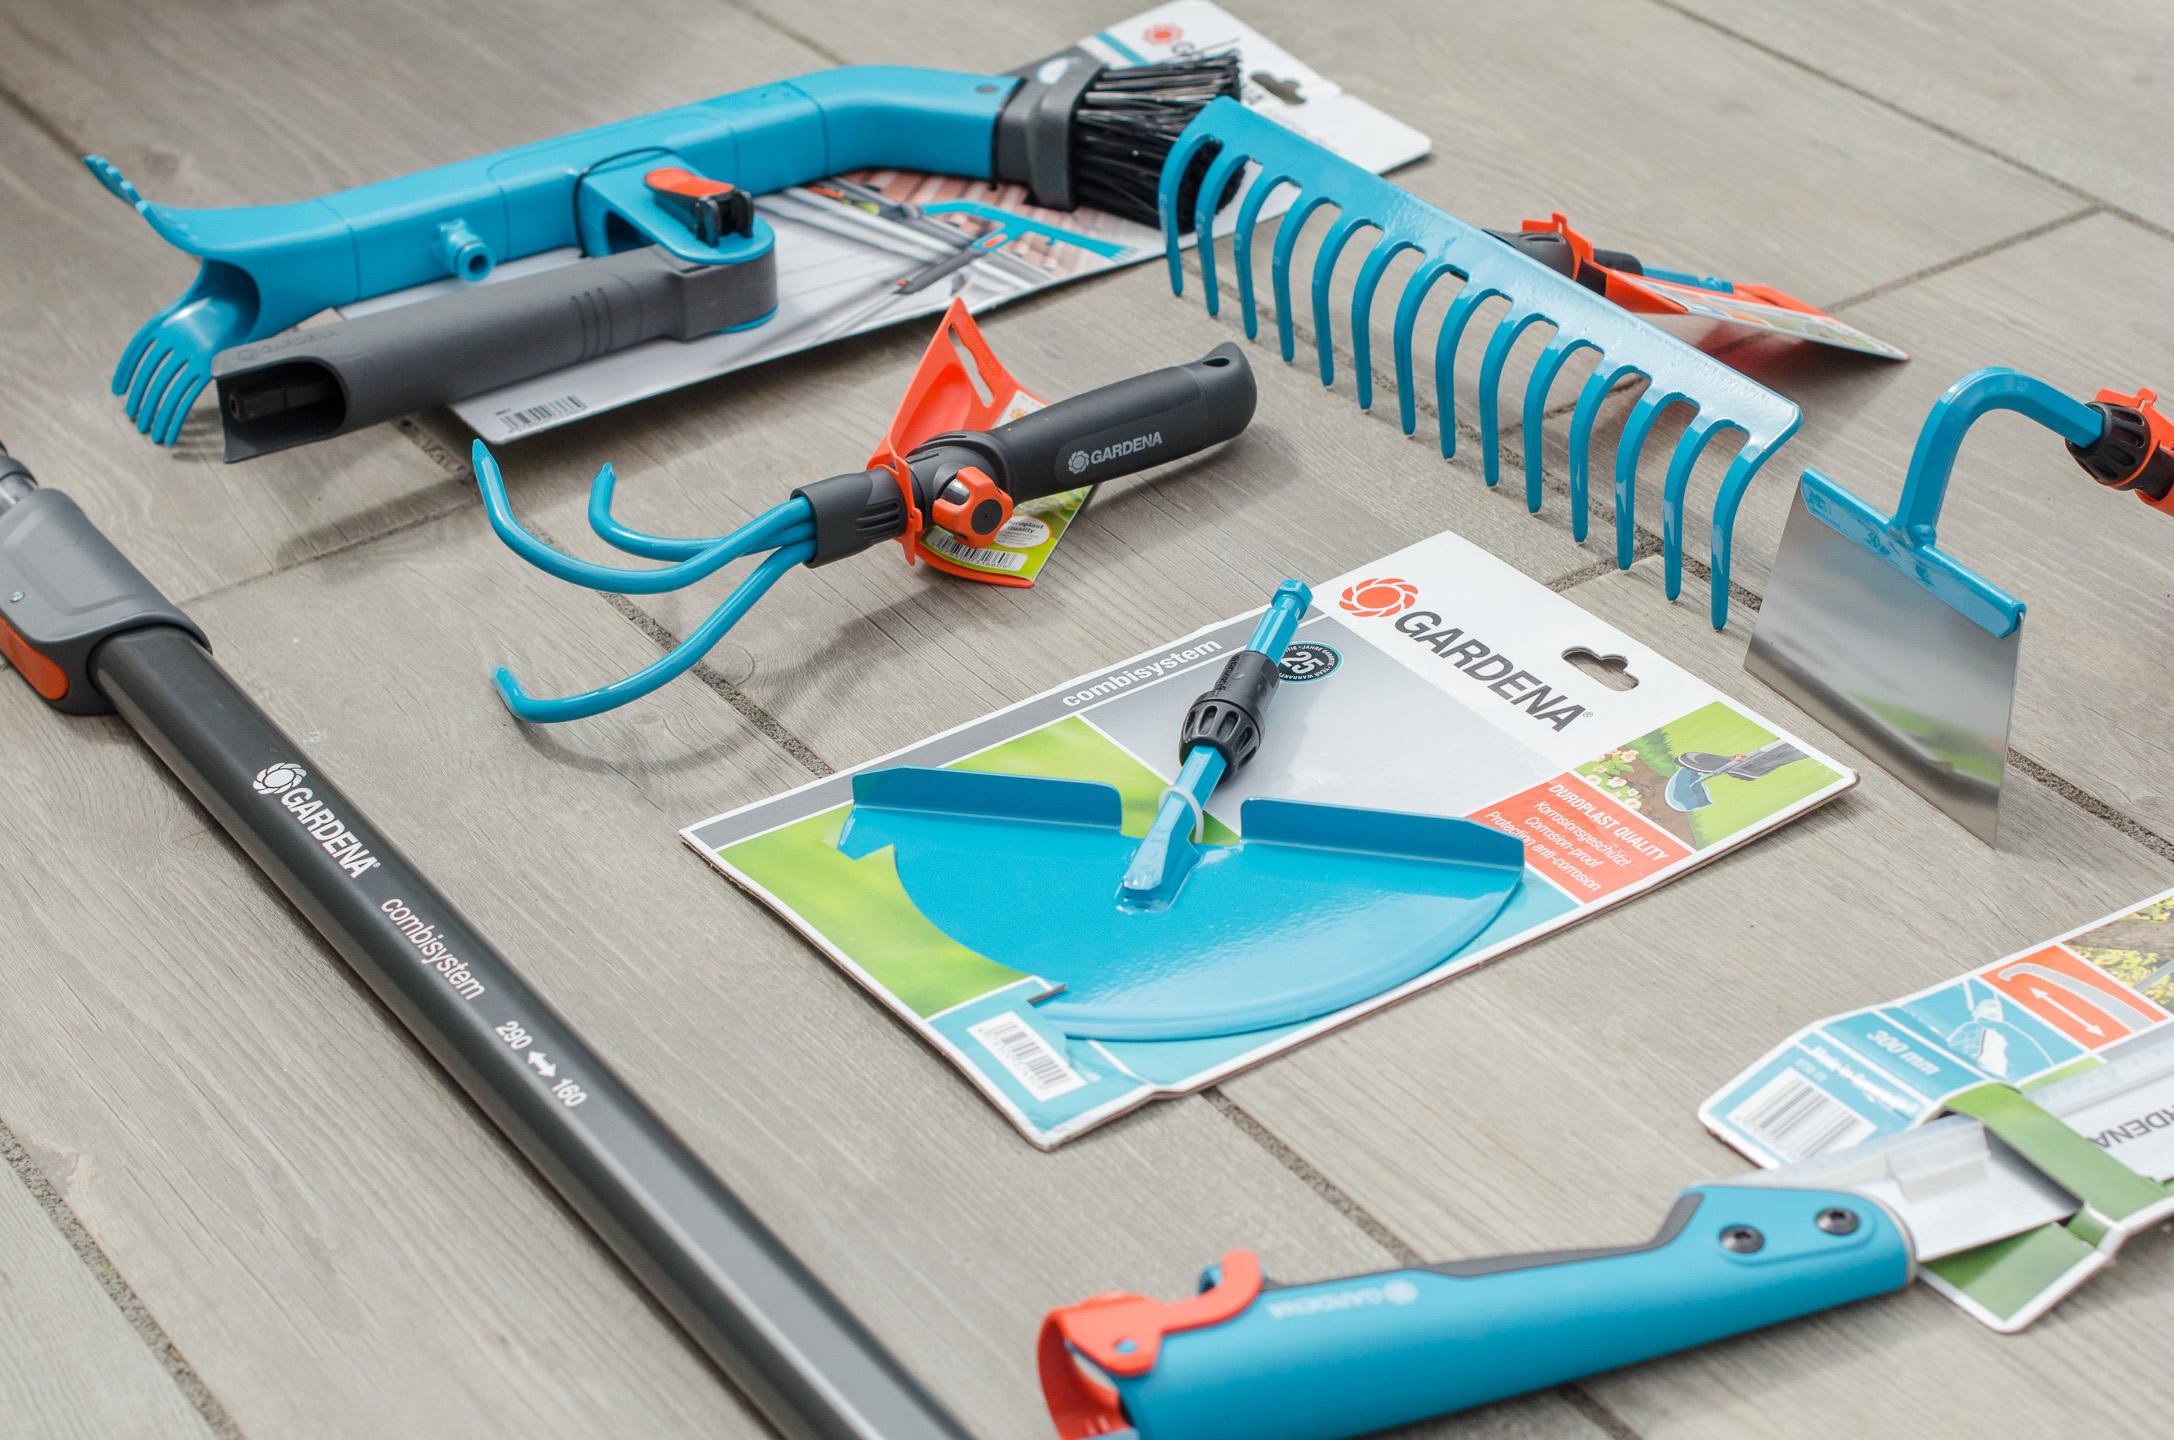 gardena combisystem gardening tools range